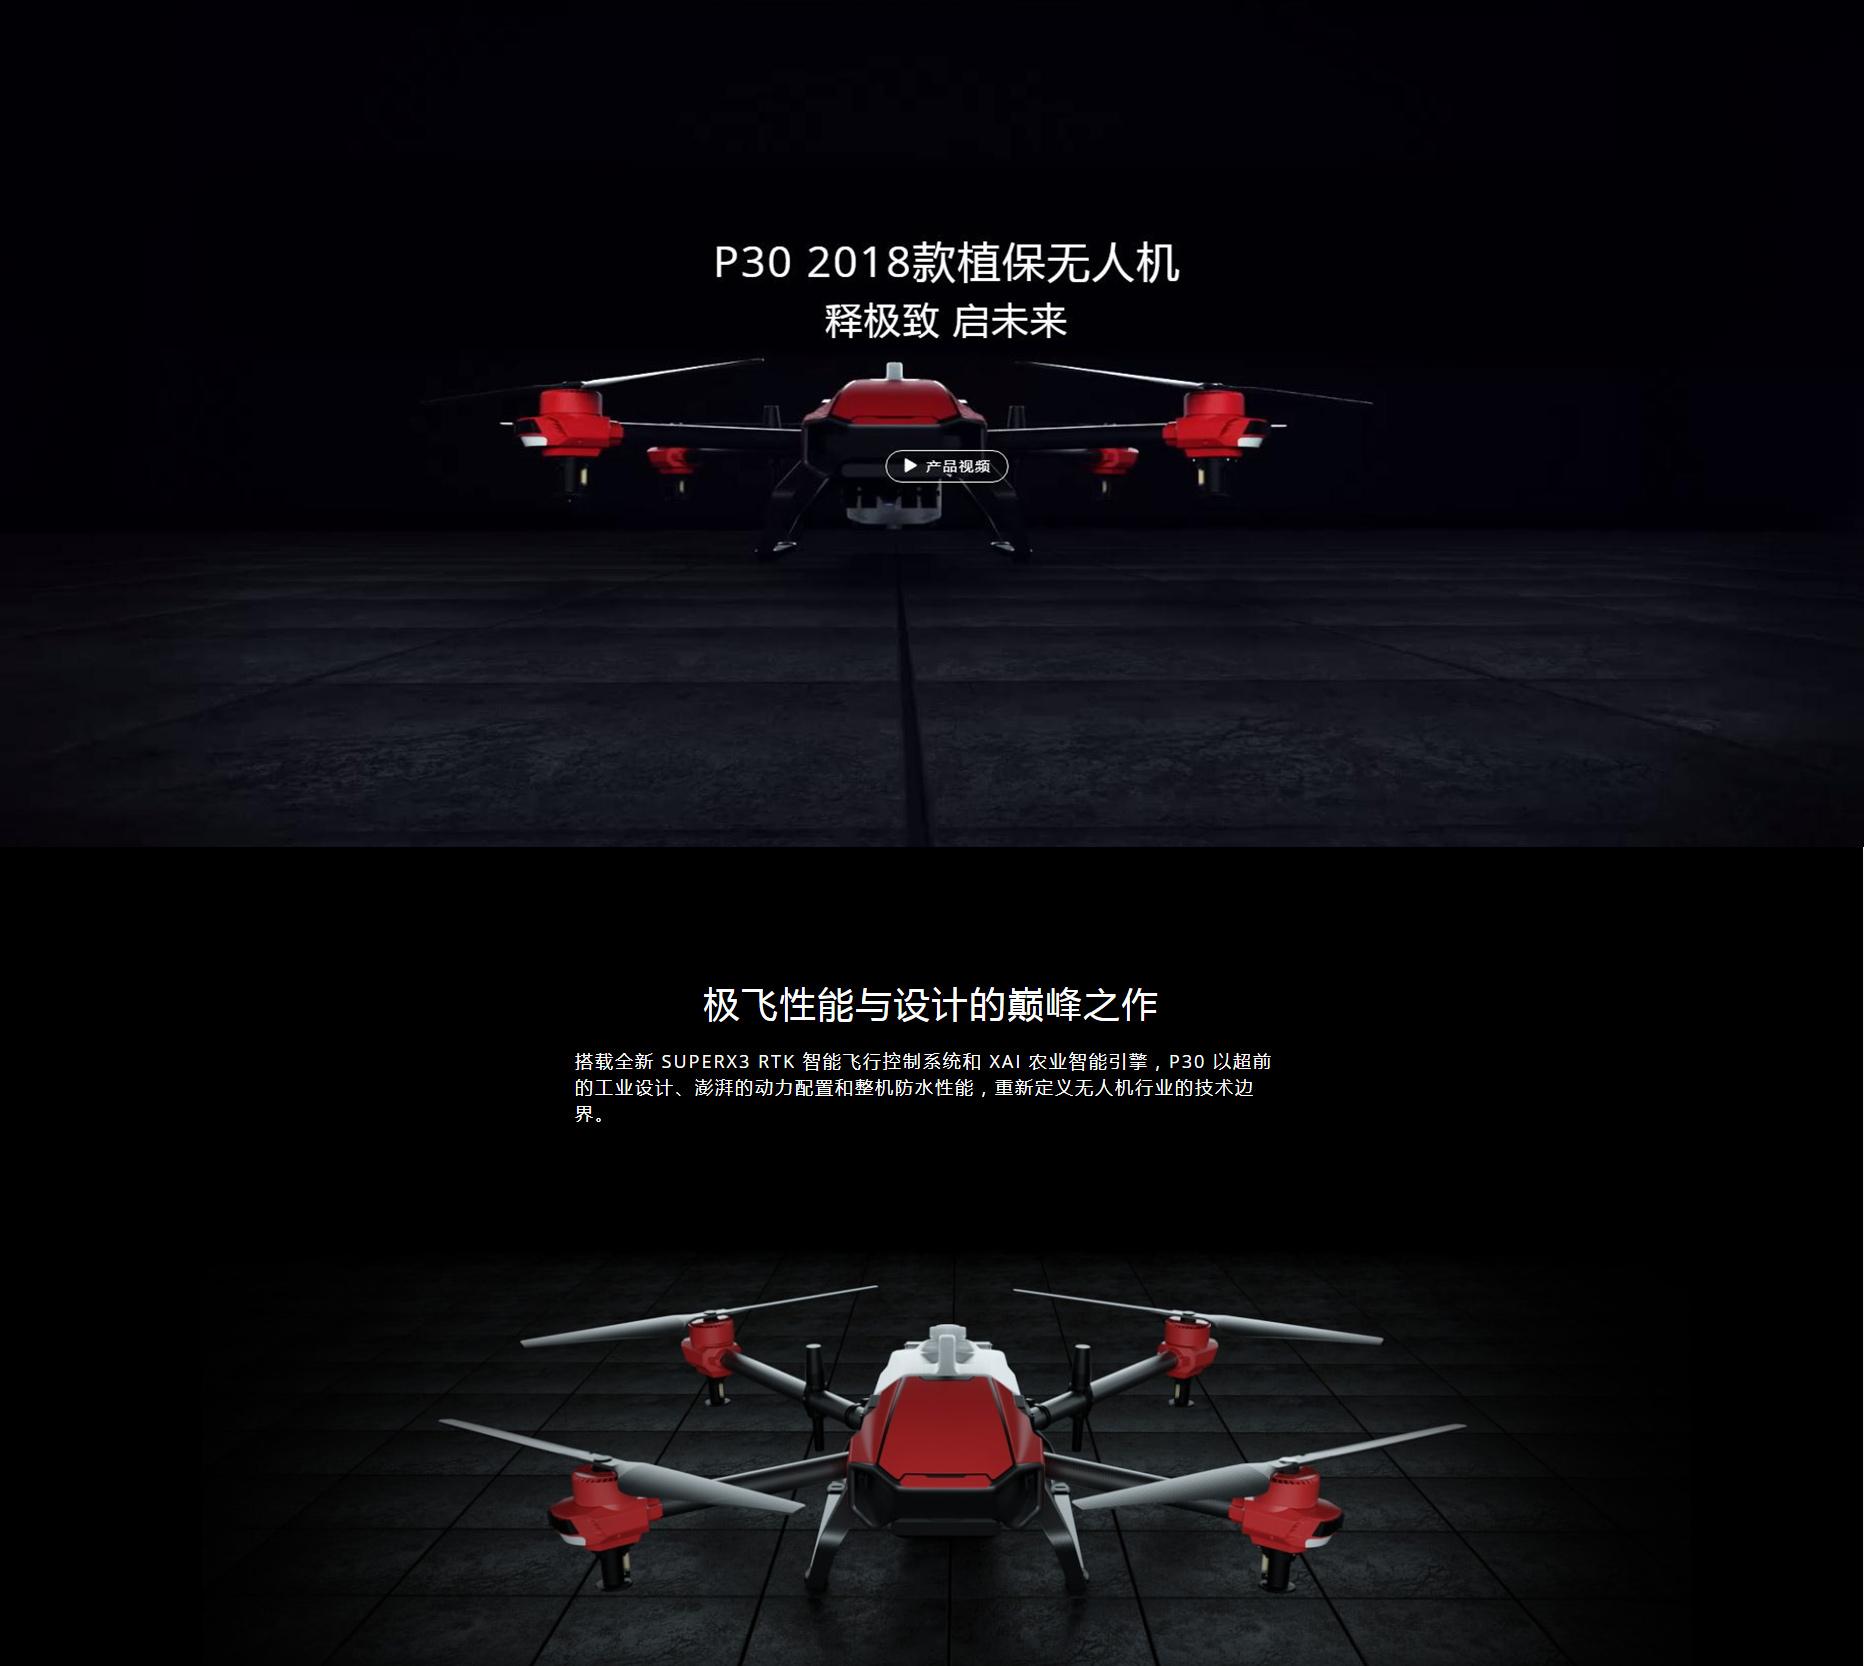 贵州无人机批发,贵州无人机批发厂家